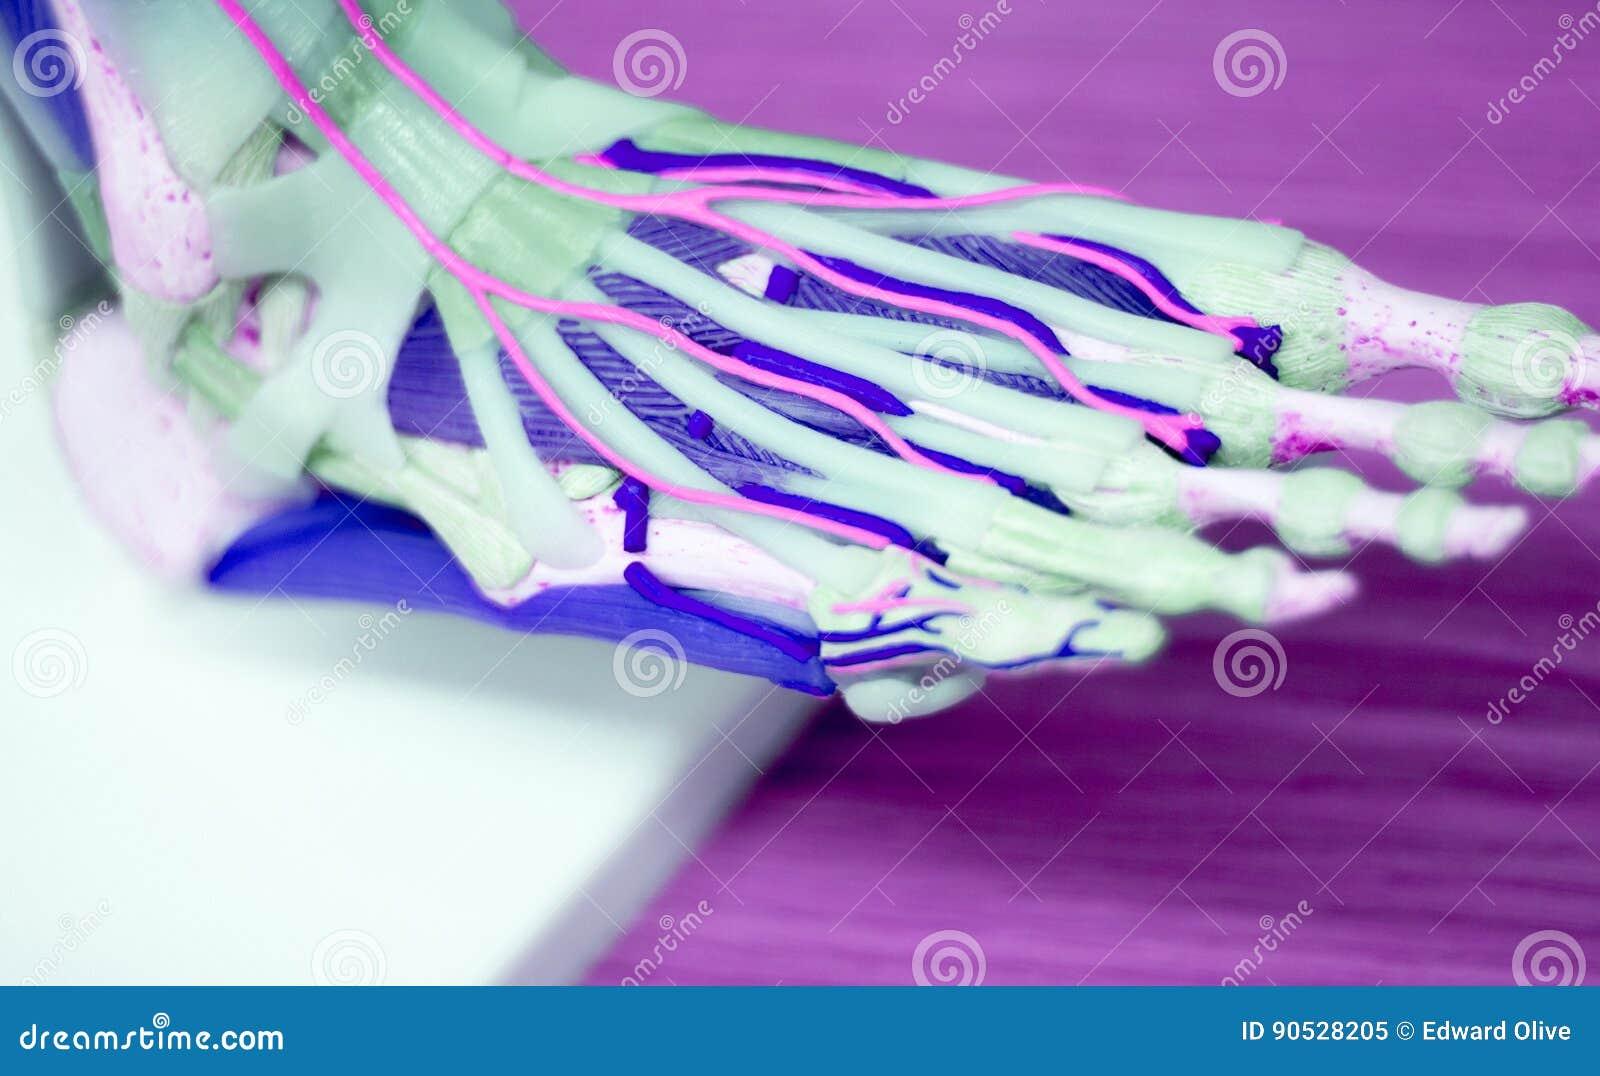 Modelo Médico De La Anatomía Del Pie Imagen de archivo - Imagen de ...